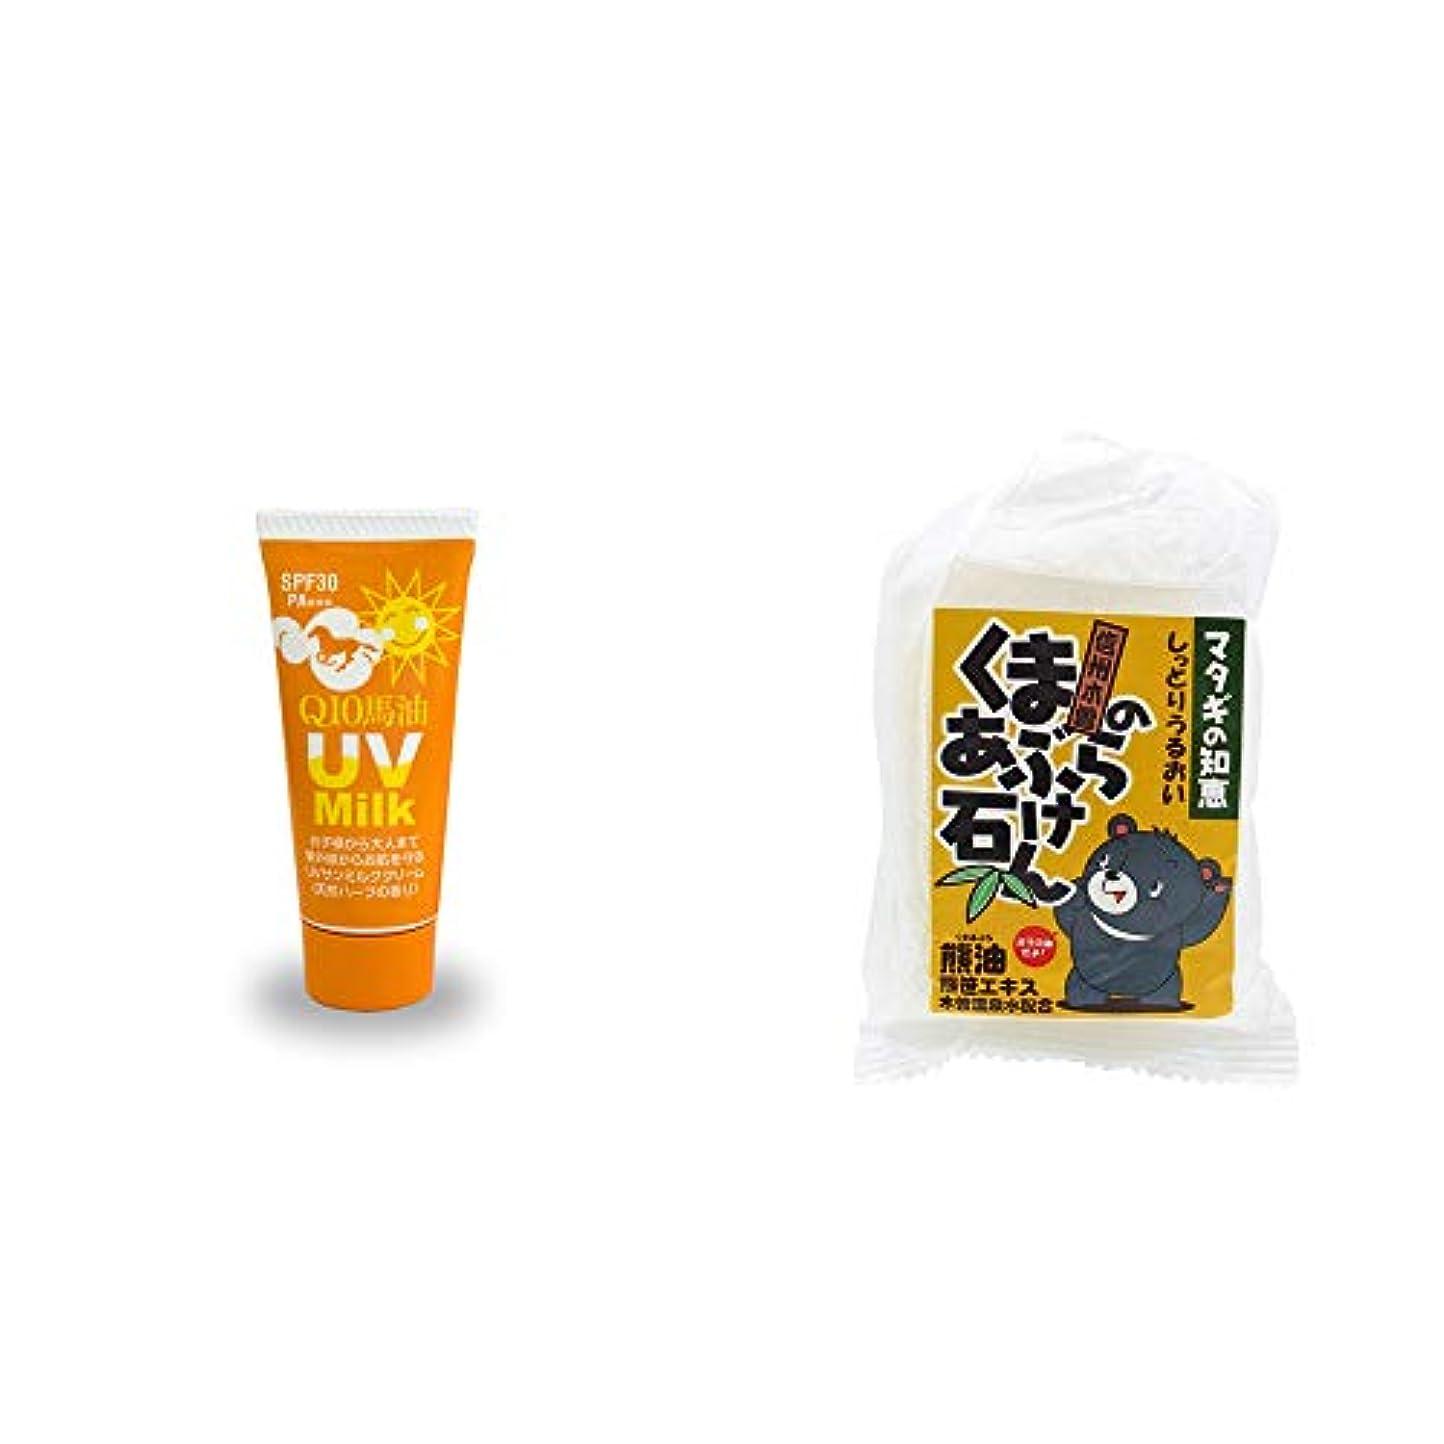 我慢するチューブ化合物[2点セット] 炭黒泉 Q10馬油 UVサンミルク[天然ハーブ](40g)?信州木曽 くまのあぶら石けん(80g)